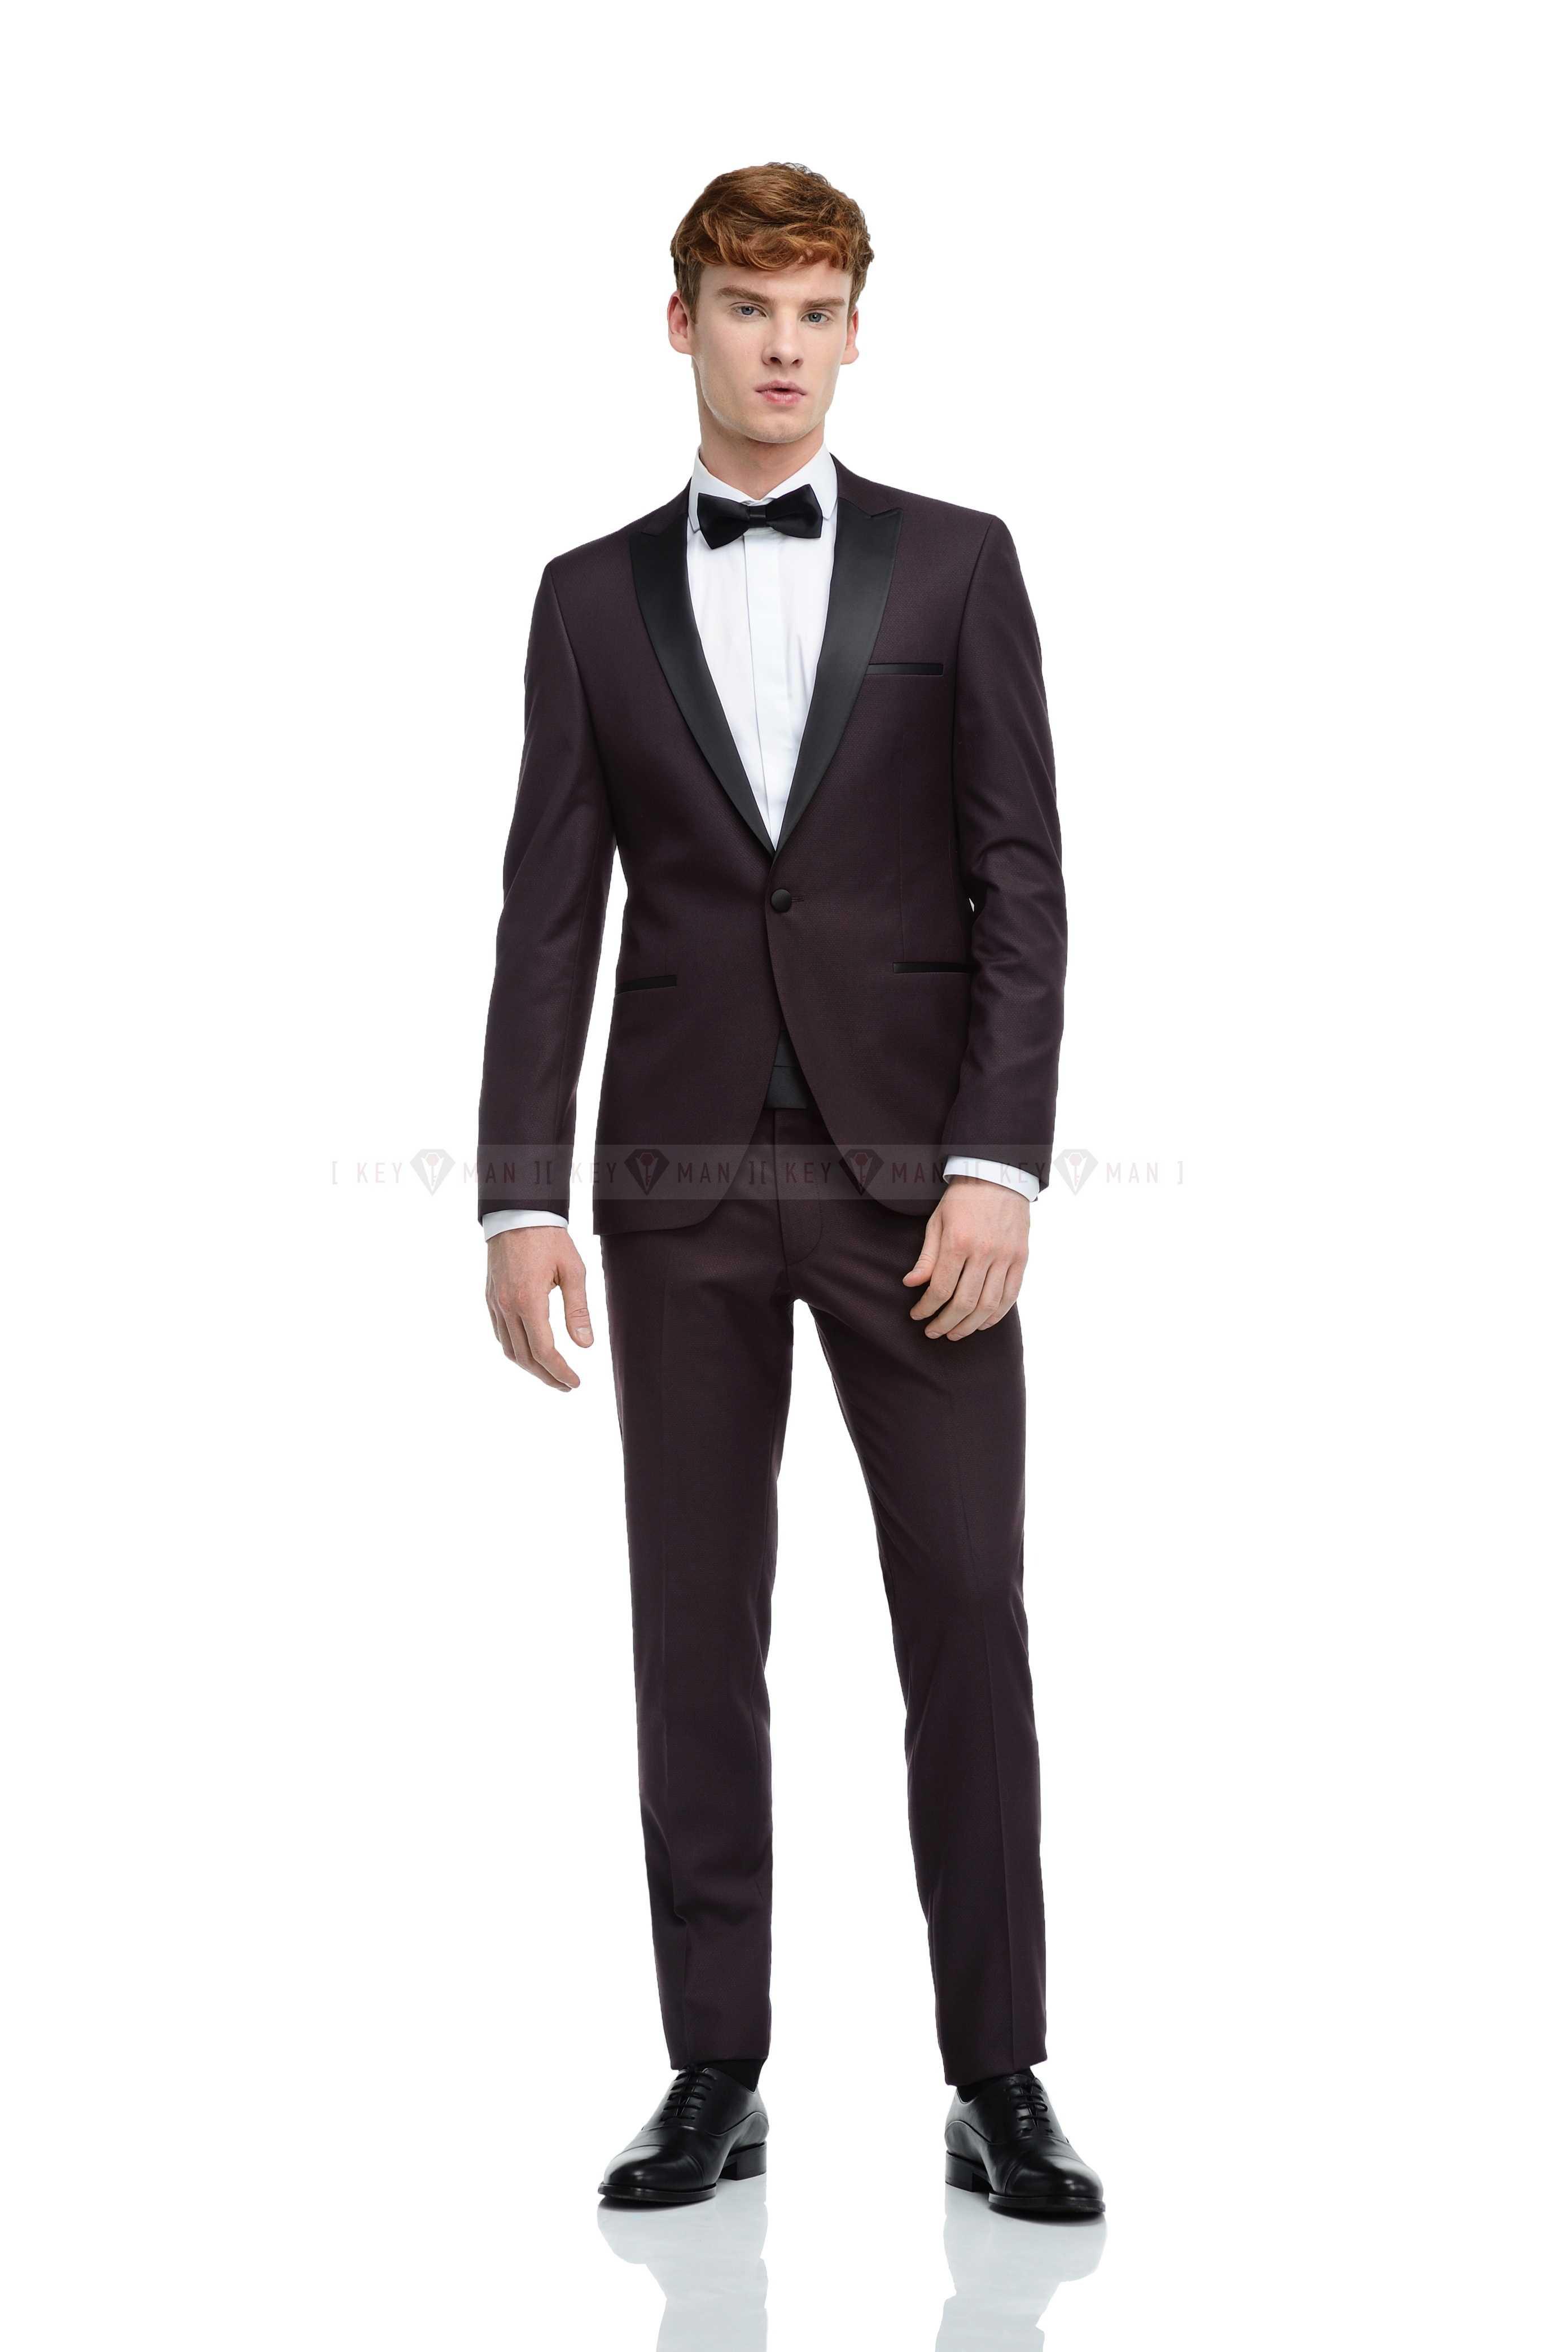 Костюм мужской смокинг темно-бордовый с черным итальянским лацканом